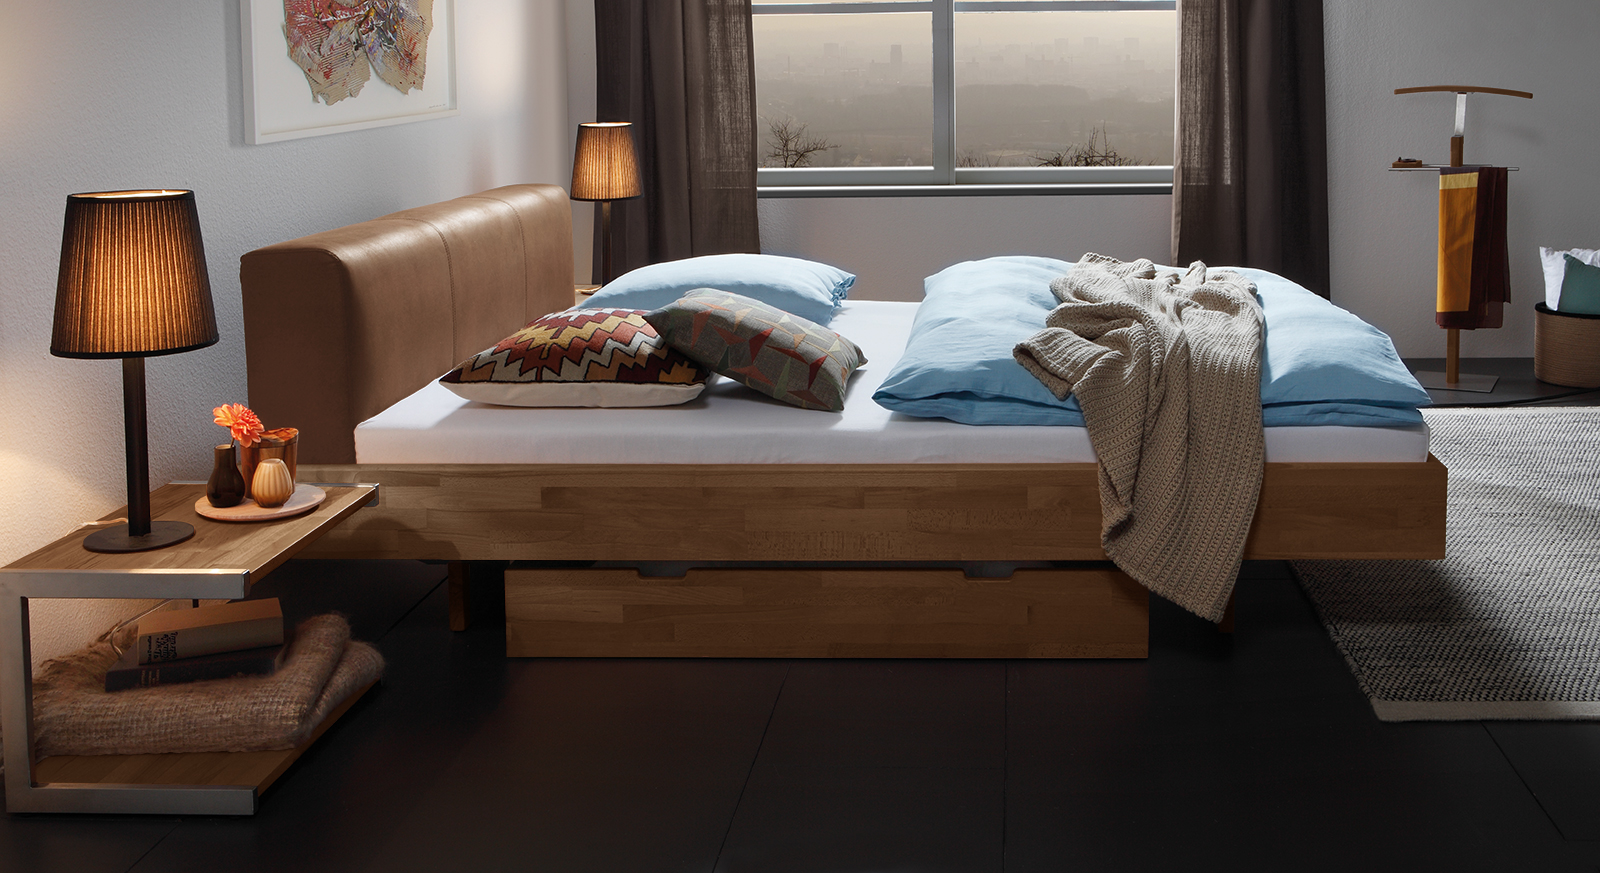 bettgestell aus massivholz mit kunstleder kopfteil vimara. Black Bedroom Furniture Sets. Home Design Ideas